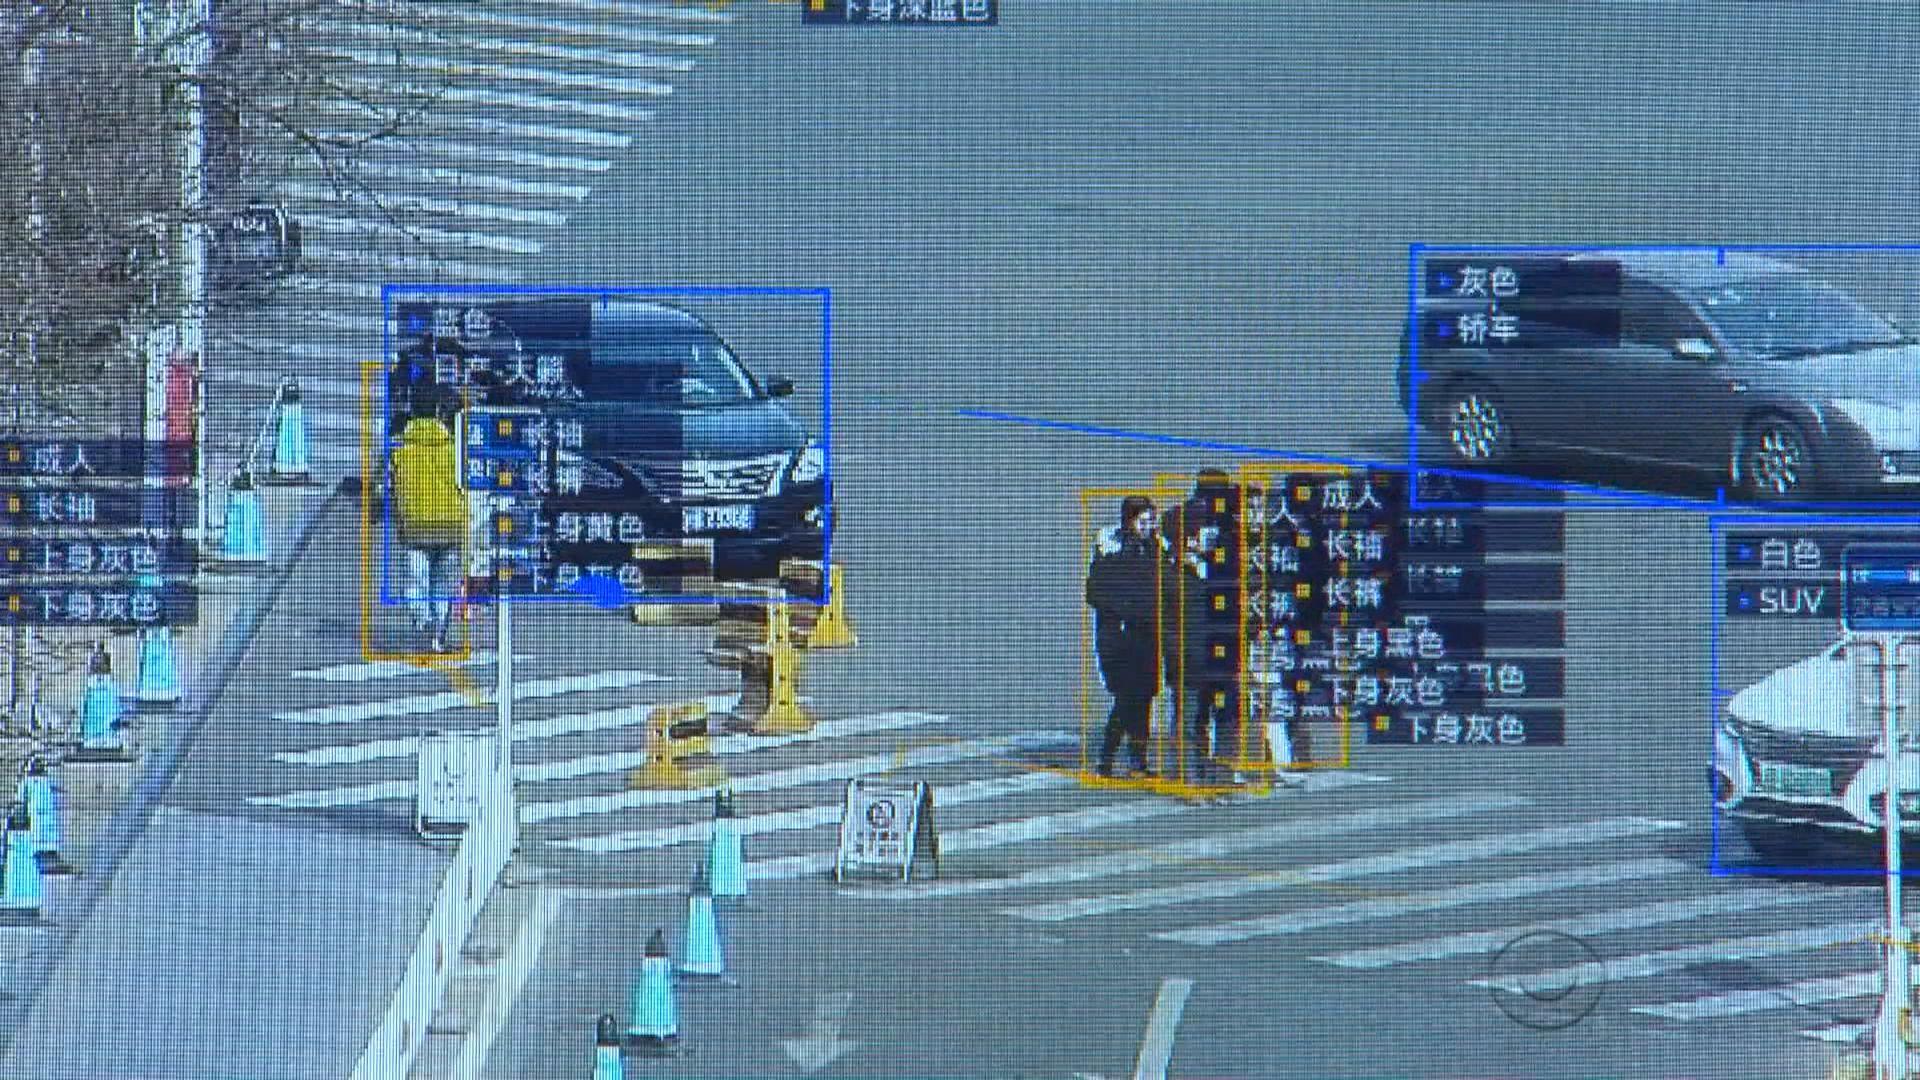 內地利用監控系統成功追蹤患者行蹤